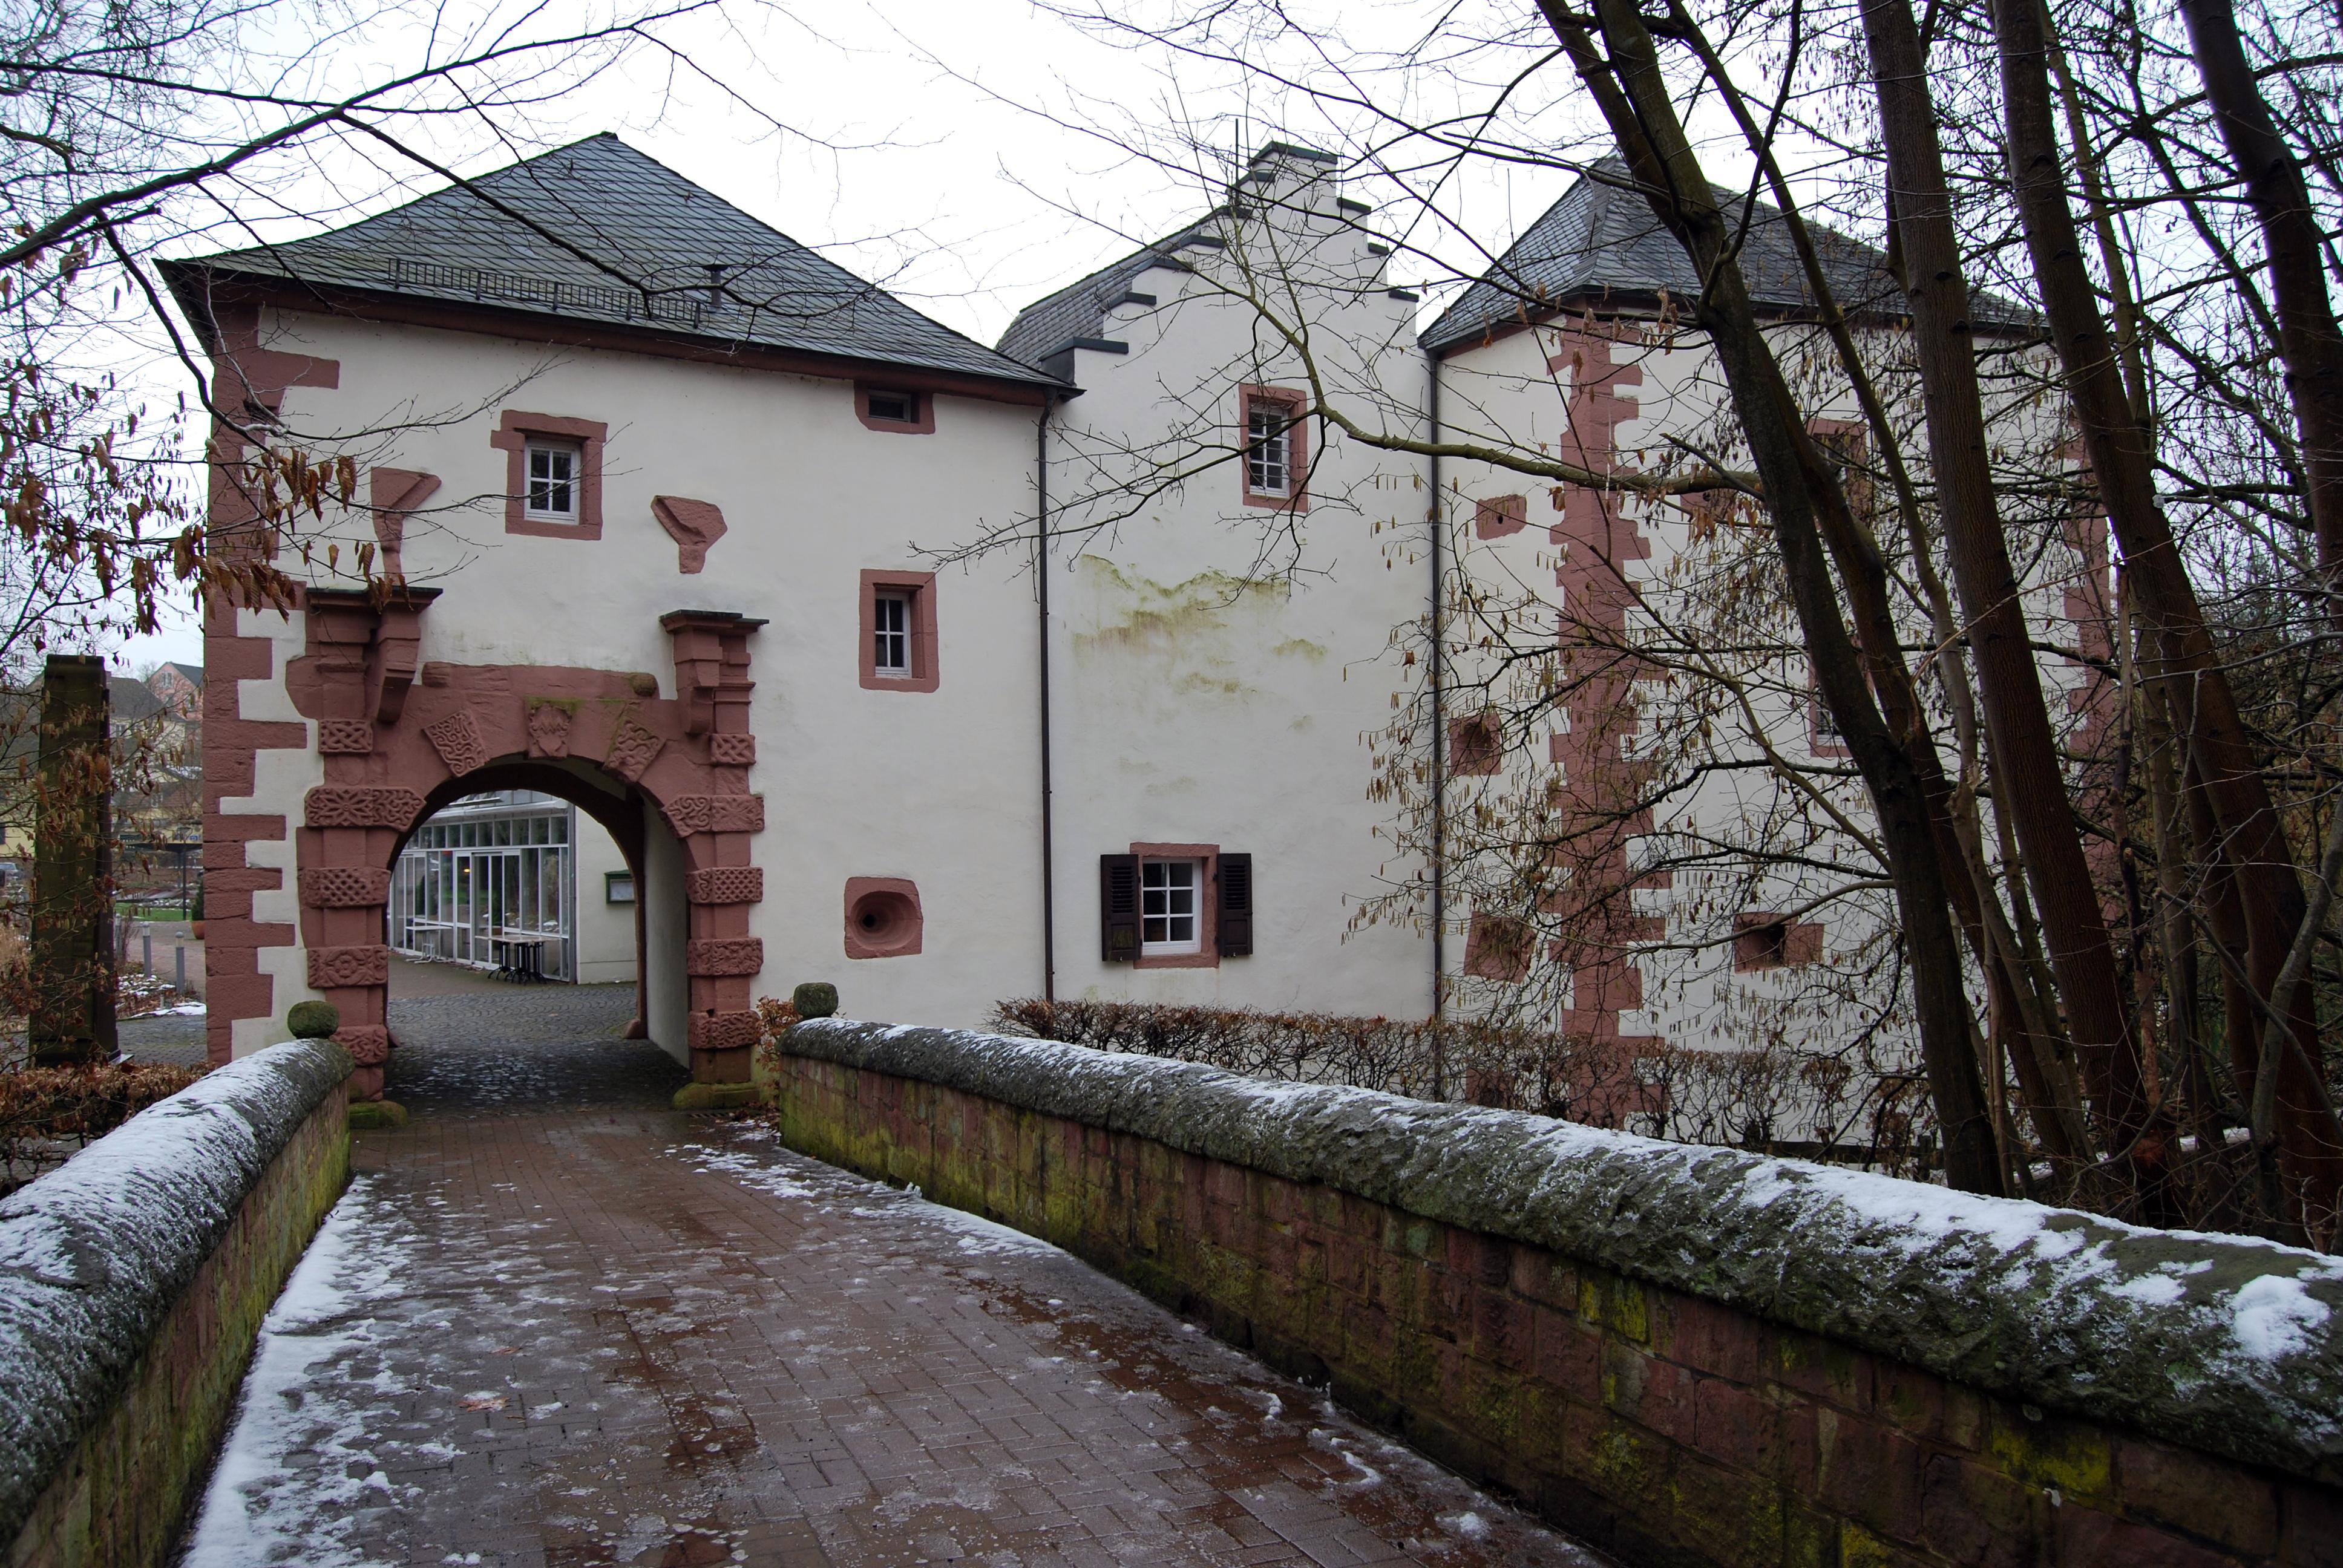 FileBurg Kerpen in Illingen Saar Foto 3jpg  Wikimedia Commons